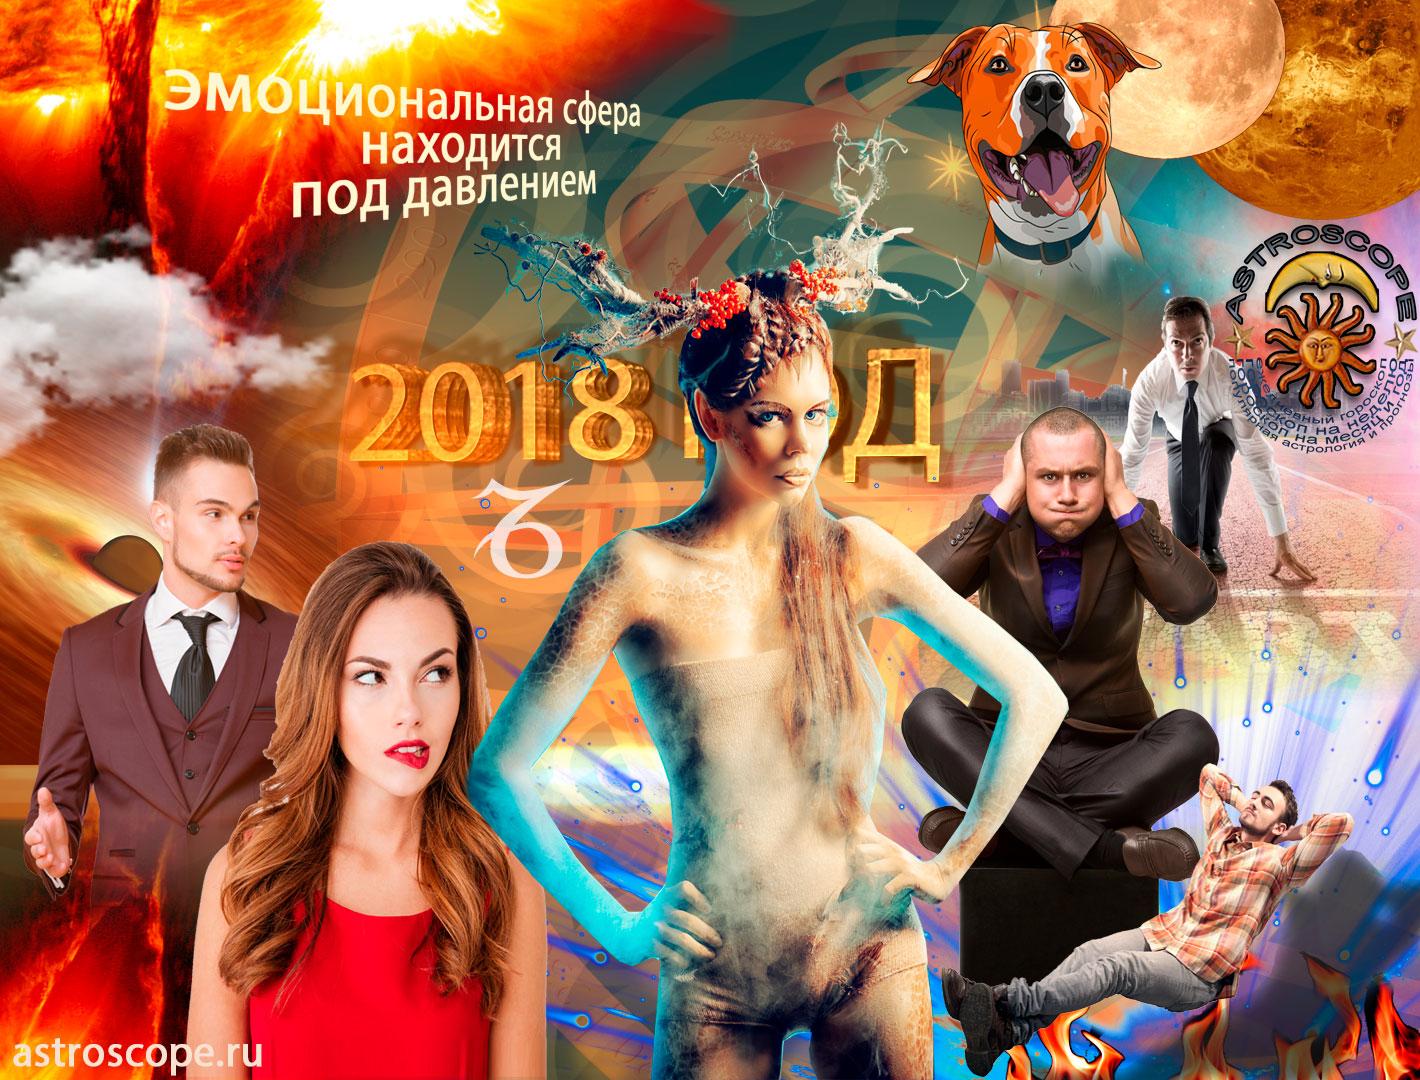 Гороскоп на 2019 Козерог, что ждёт Козерогов в 2019 году